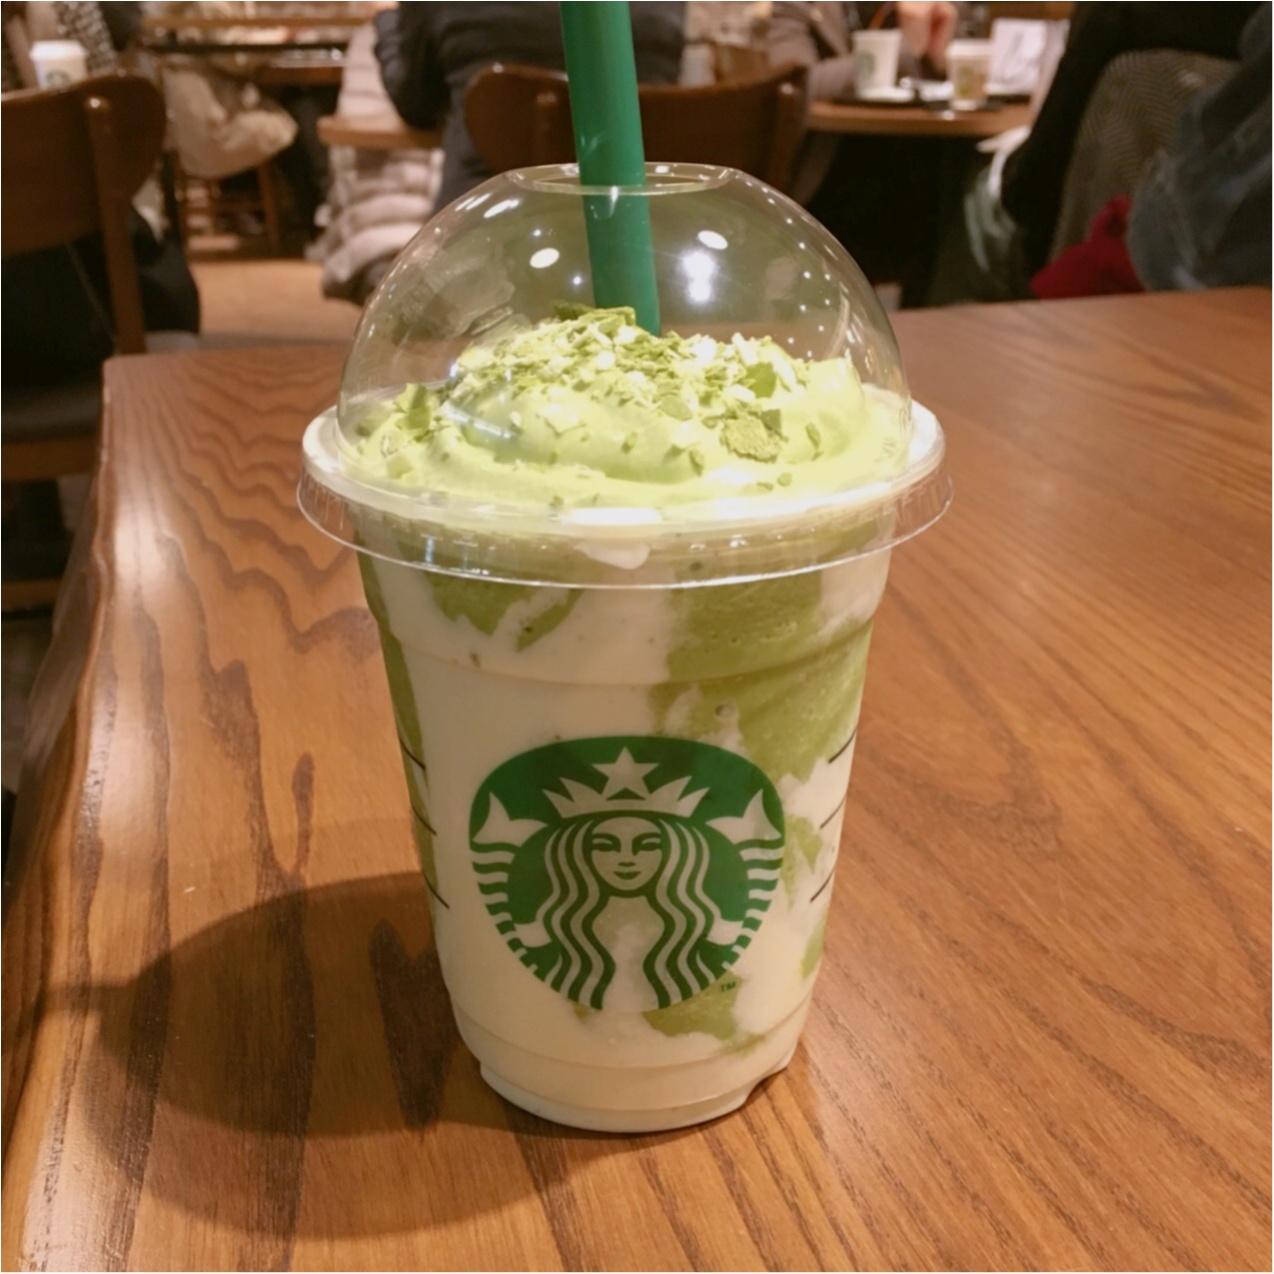 【STAR BUCKS】 クリーミーで美味しい♪ 抹茶&フルーティマスカルポーネフラペチーノ》が発売中です♡♡_2